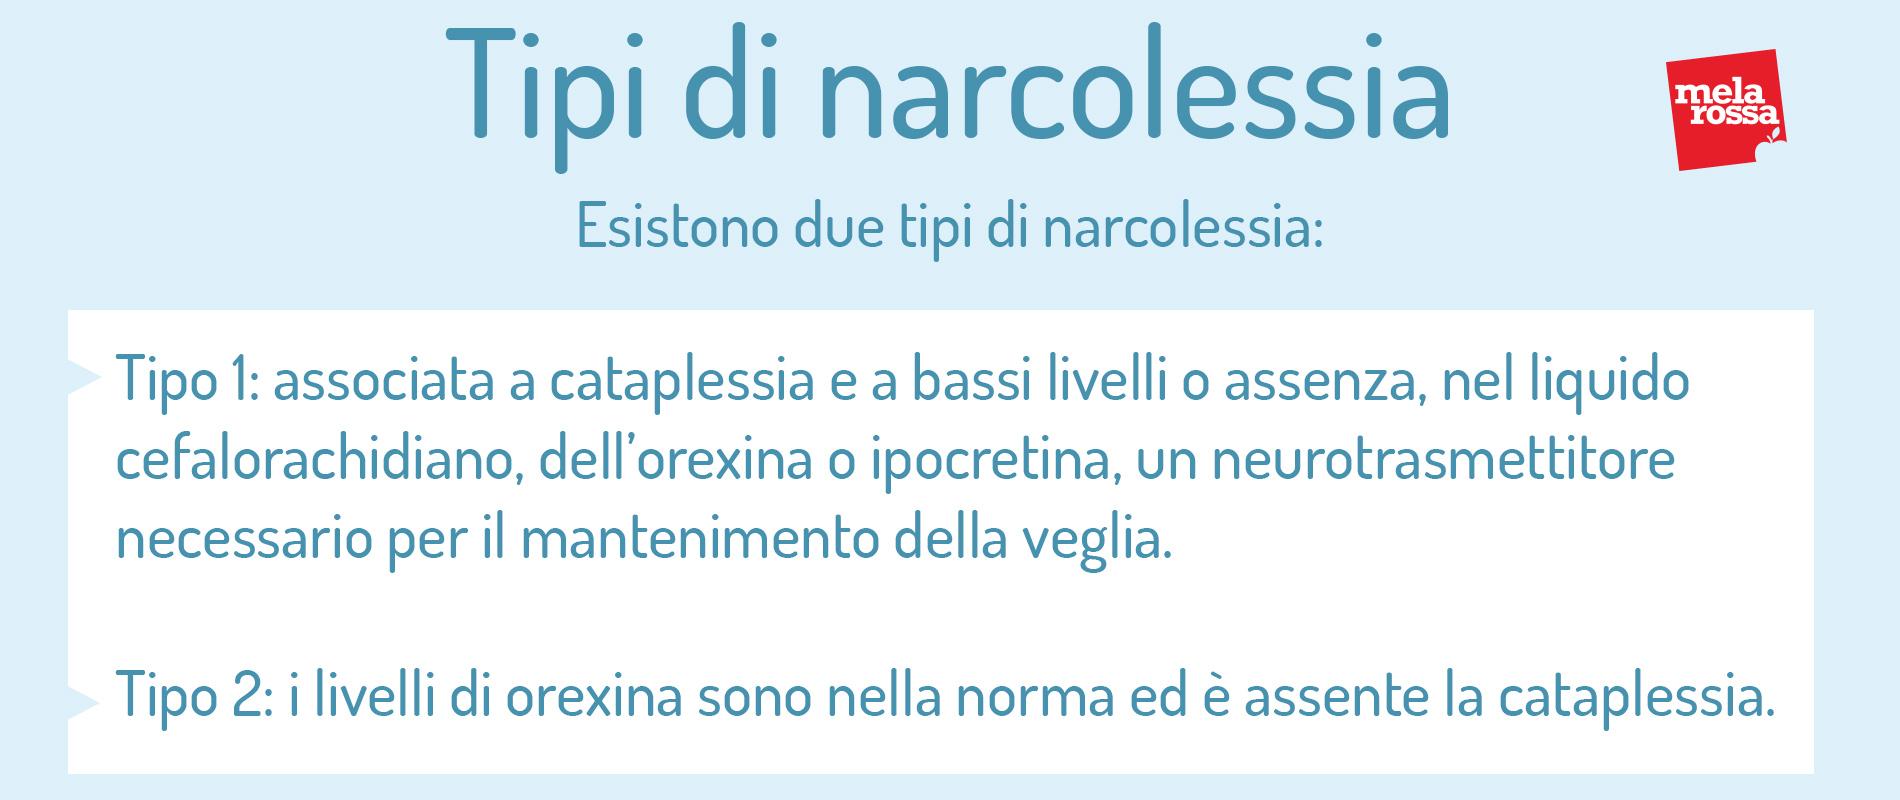 tipos de narcolepsia